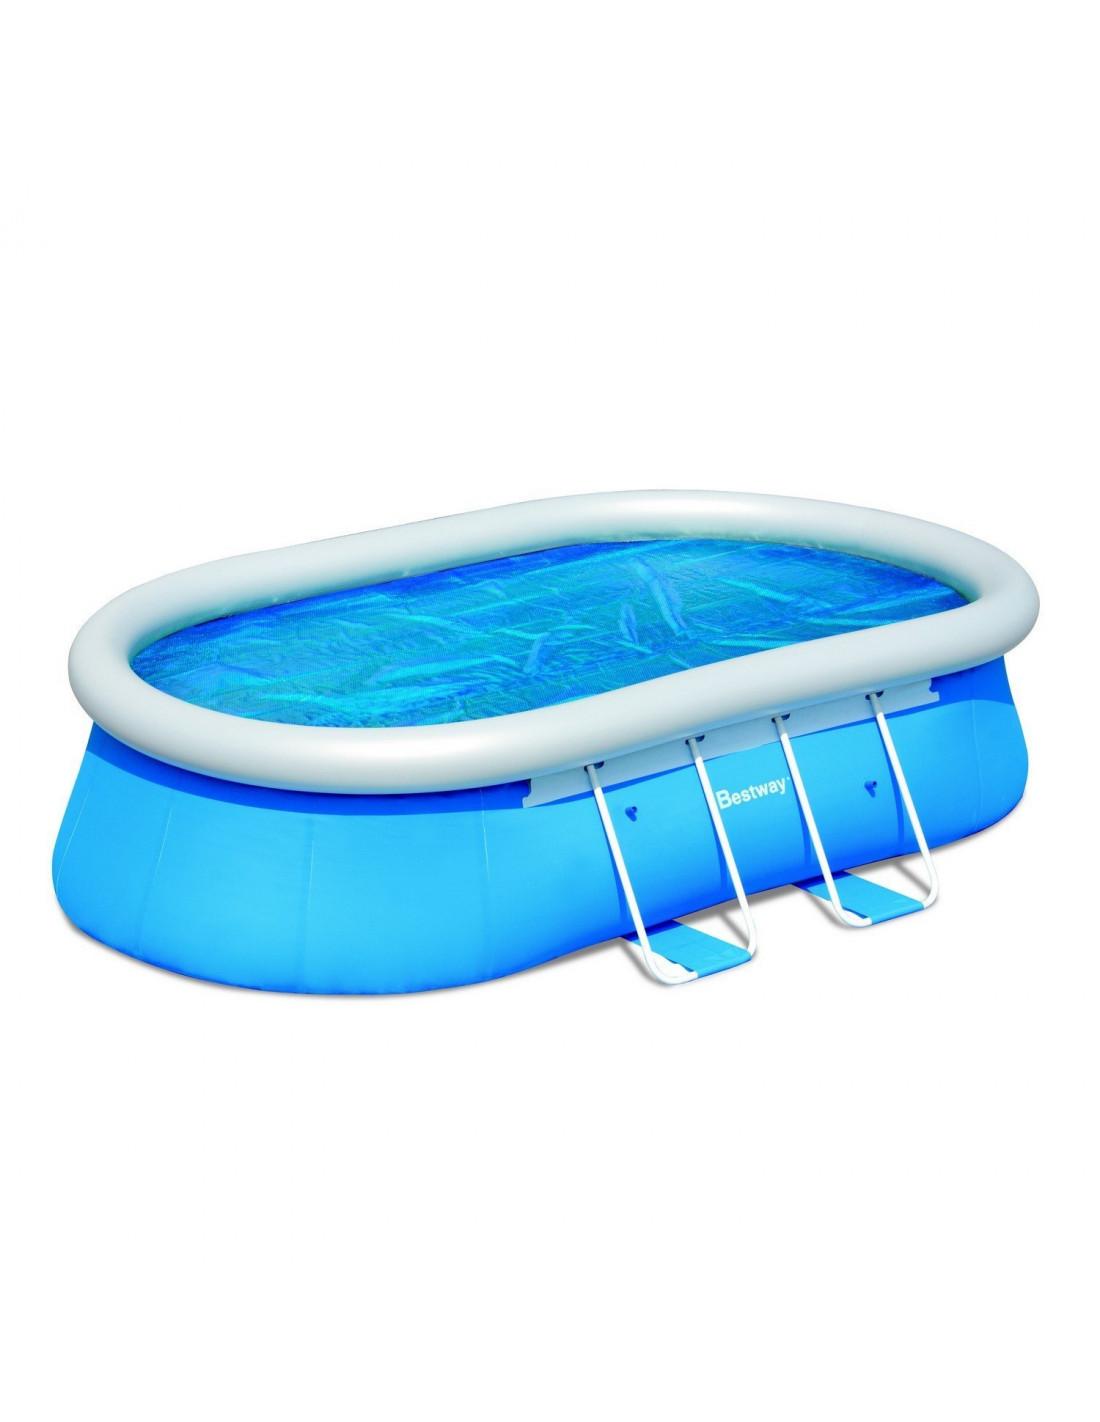 b che ovale t pour piscine autoportante de m. Black Bedroom Furniture Sets. Home Design Ideas